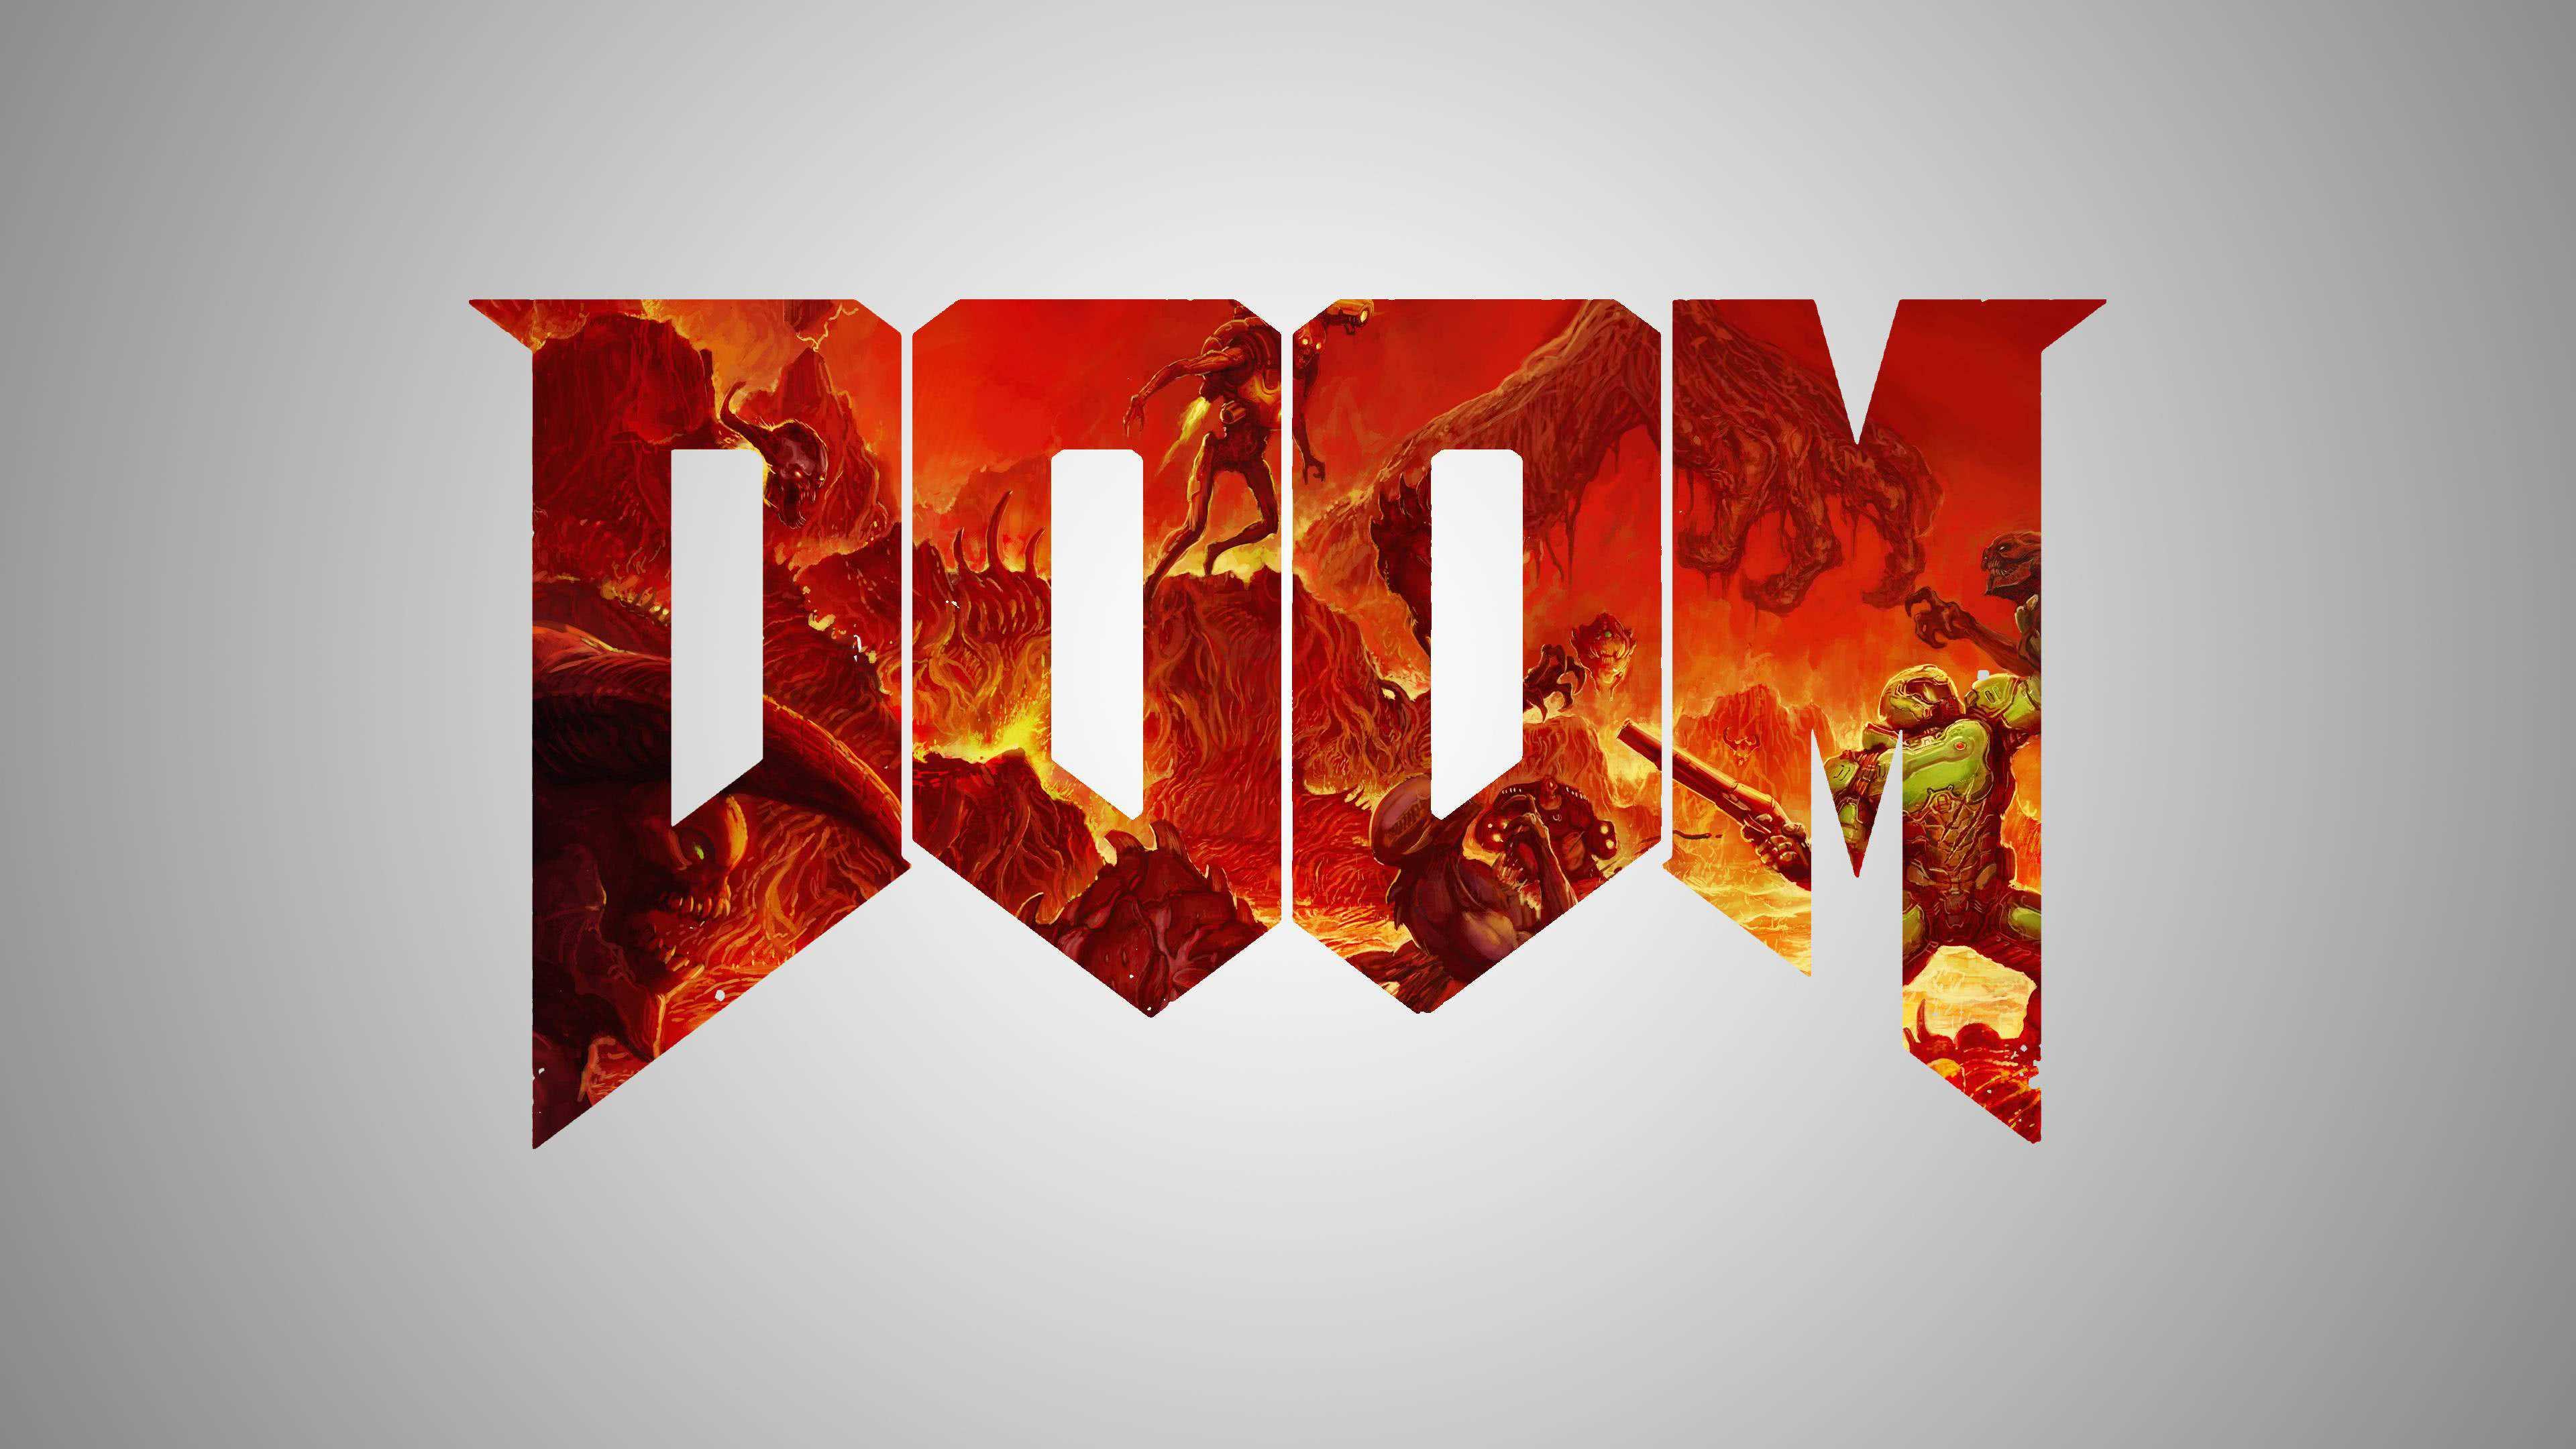 doom logo uhd 4k wallpaper